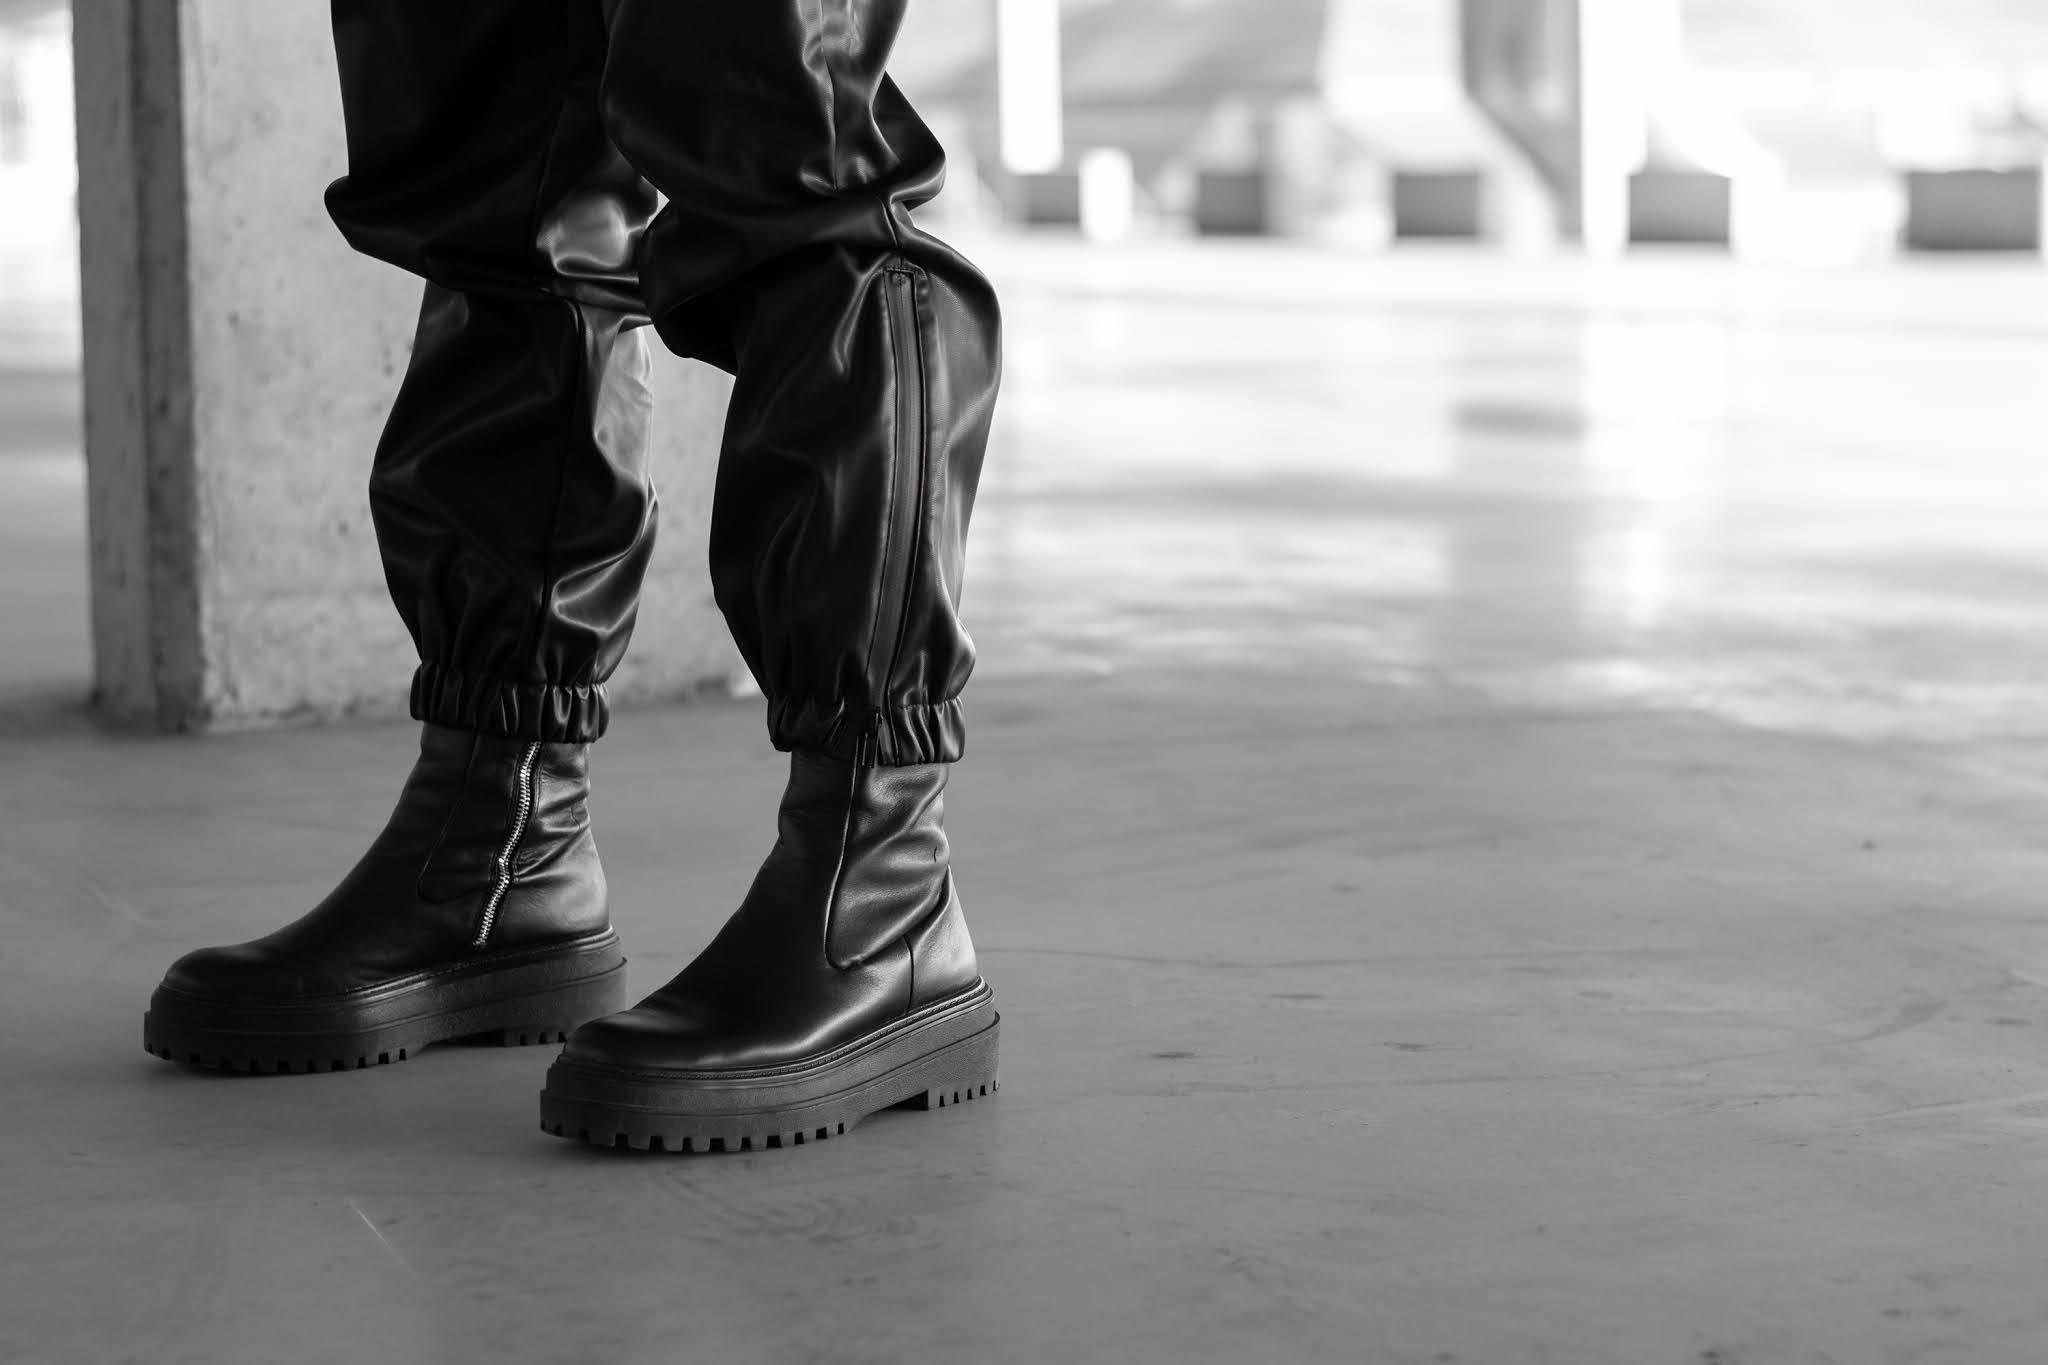 Black & gold, official, utility collection, street style, belgium, ik koop belgisch, belgian brand, streetwear, 2021, zara boots